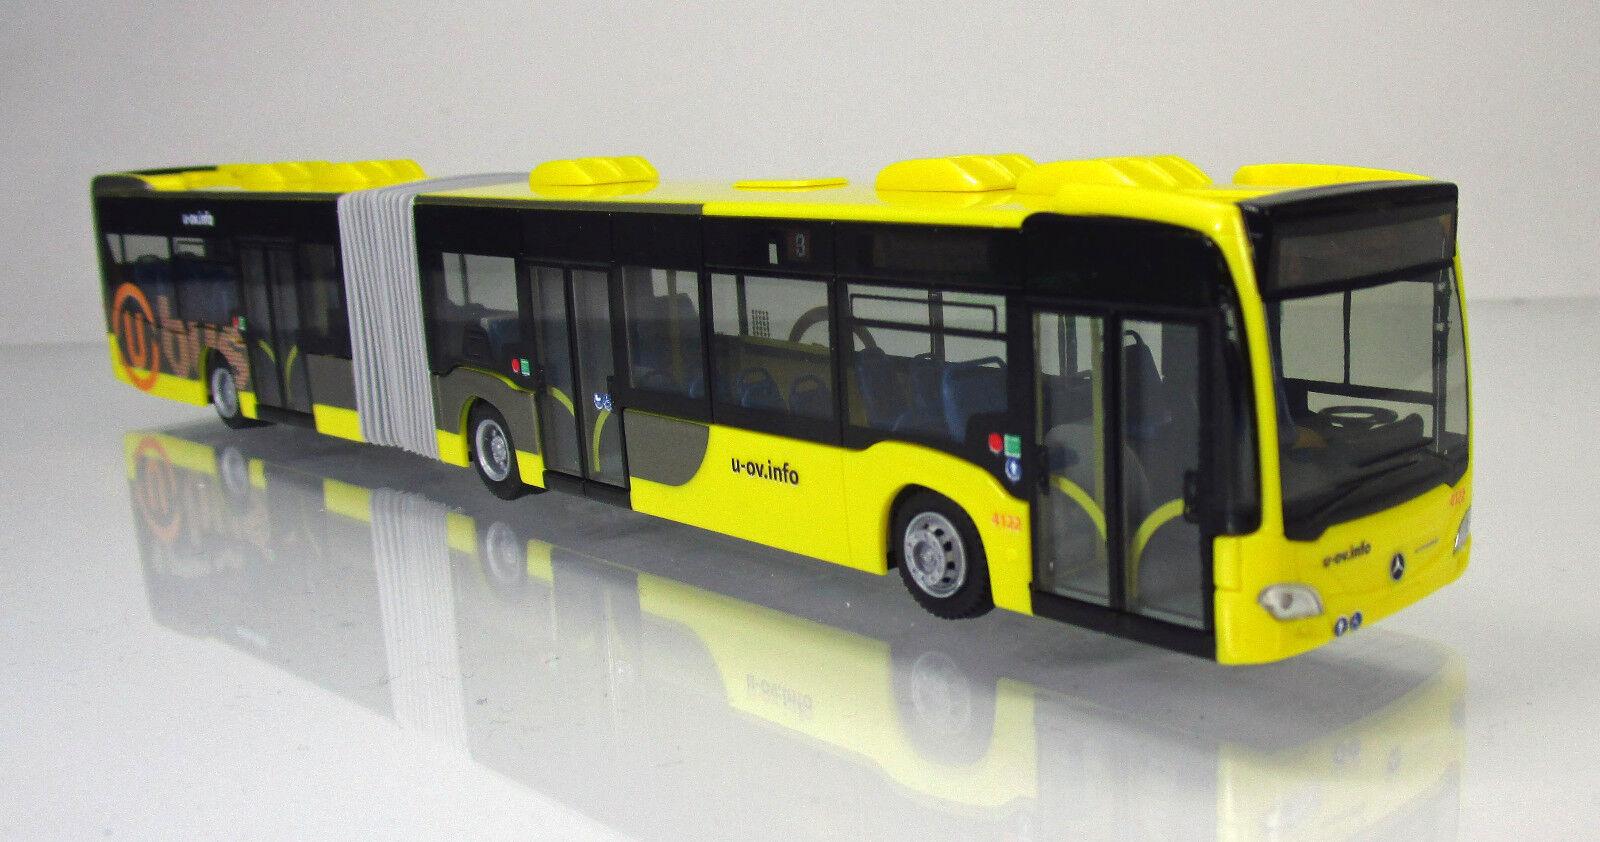 Rietze 69553 Mercedes Benz Citaro G'12 U-Bus Pays-Bas Scale 1 87 Nouveau neuf dans sa boîte